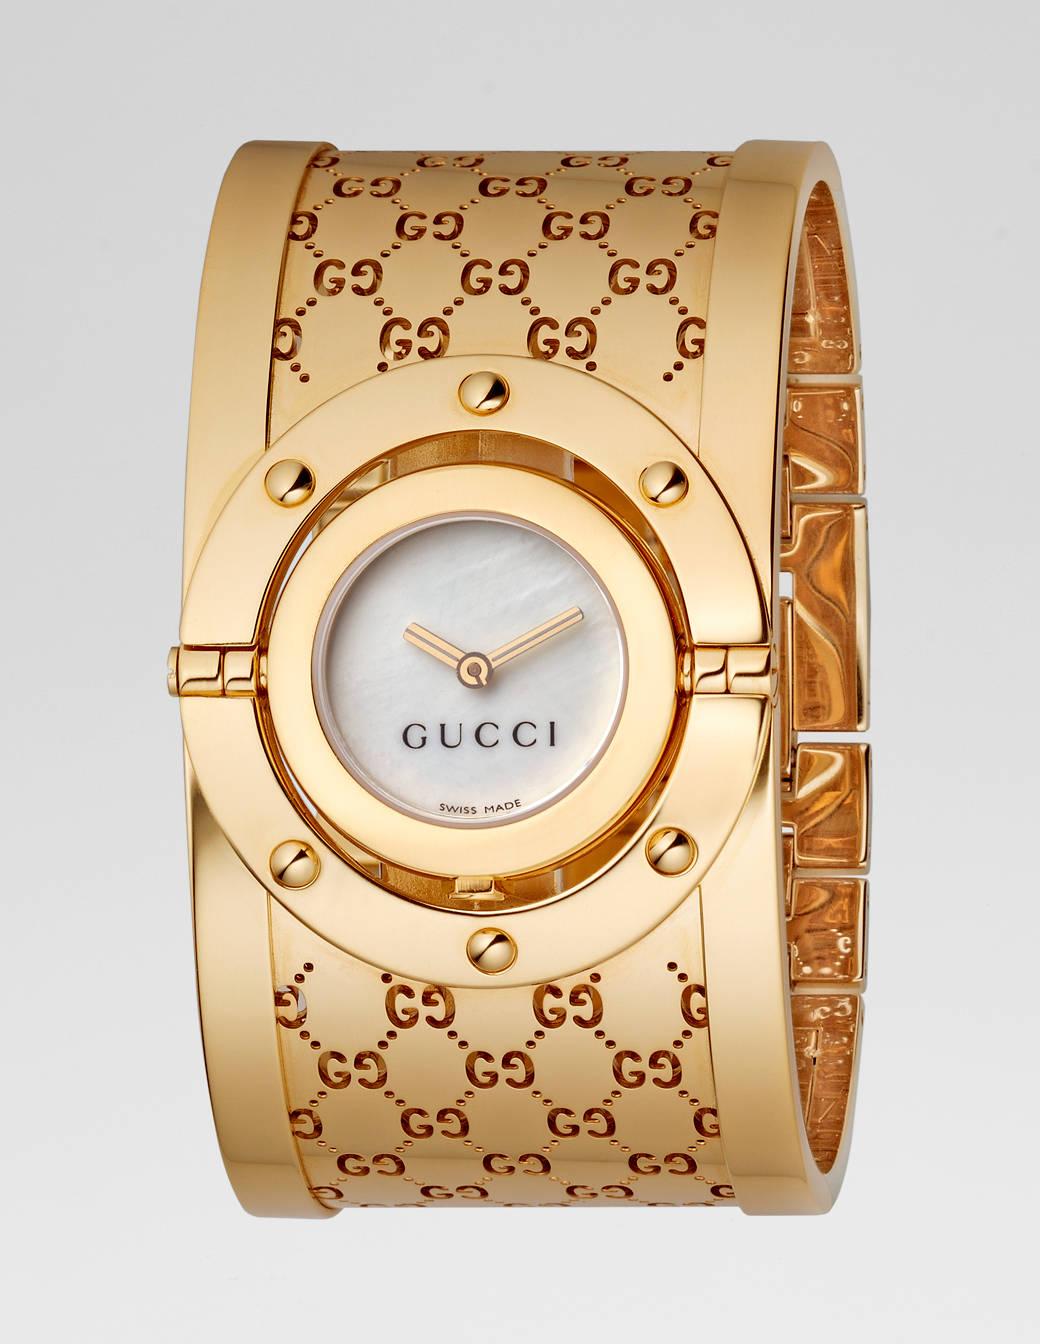 http://2.bp.blogspot.com/-3F4tAR3MLN0/T6p4mkNI4NI/AAAAAAAAA18/XBwWQwKE0jo/s1600/gucci-twirl-watch.jpg